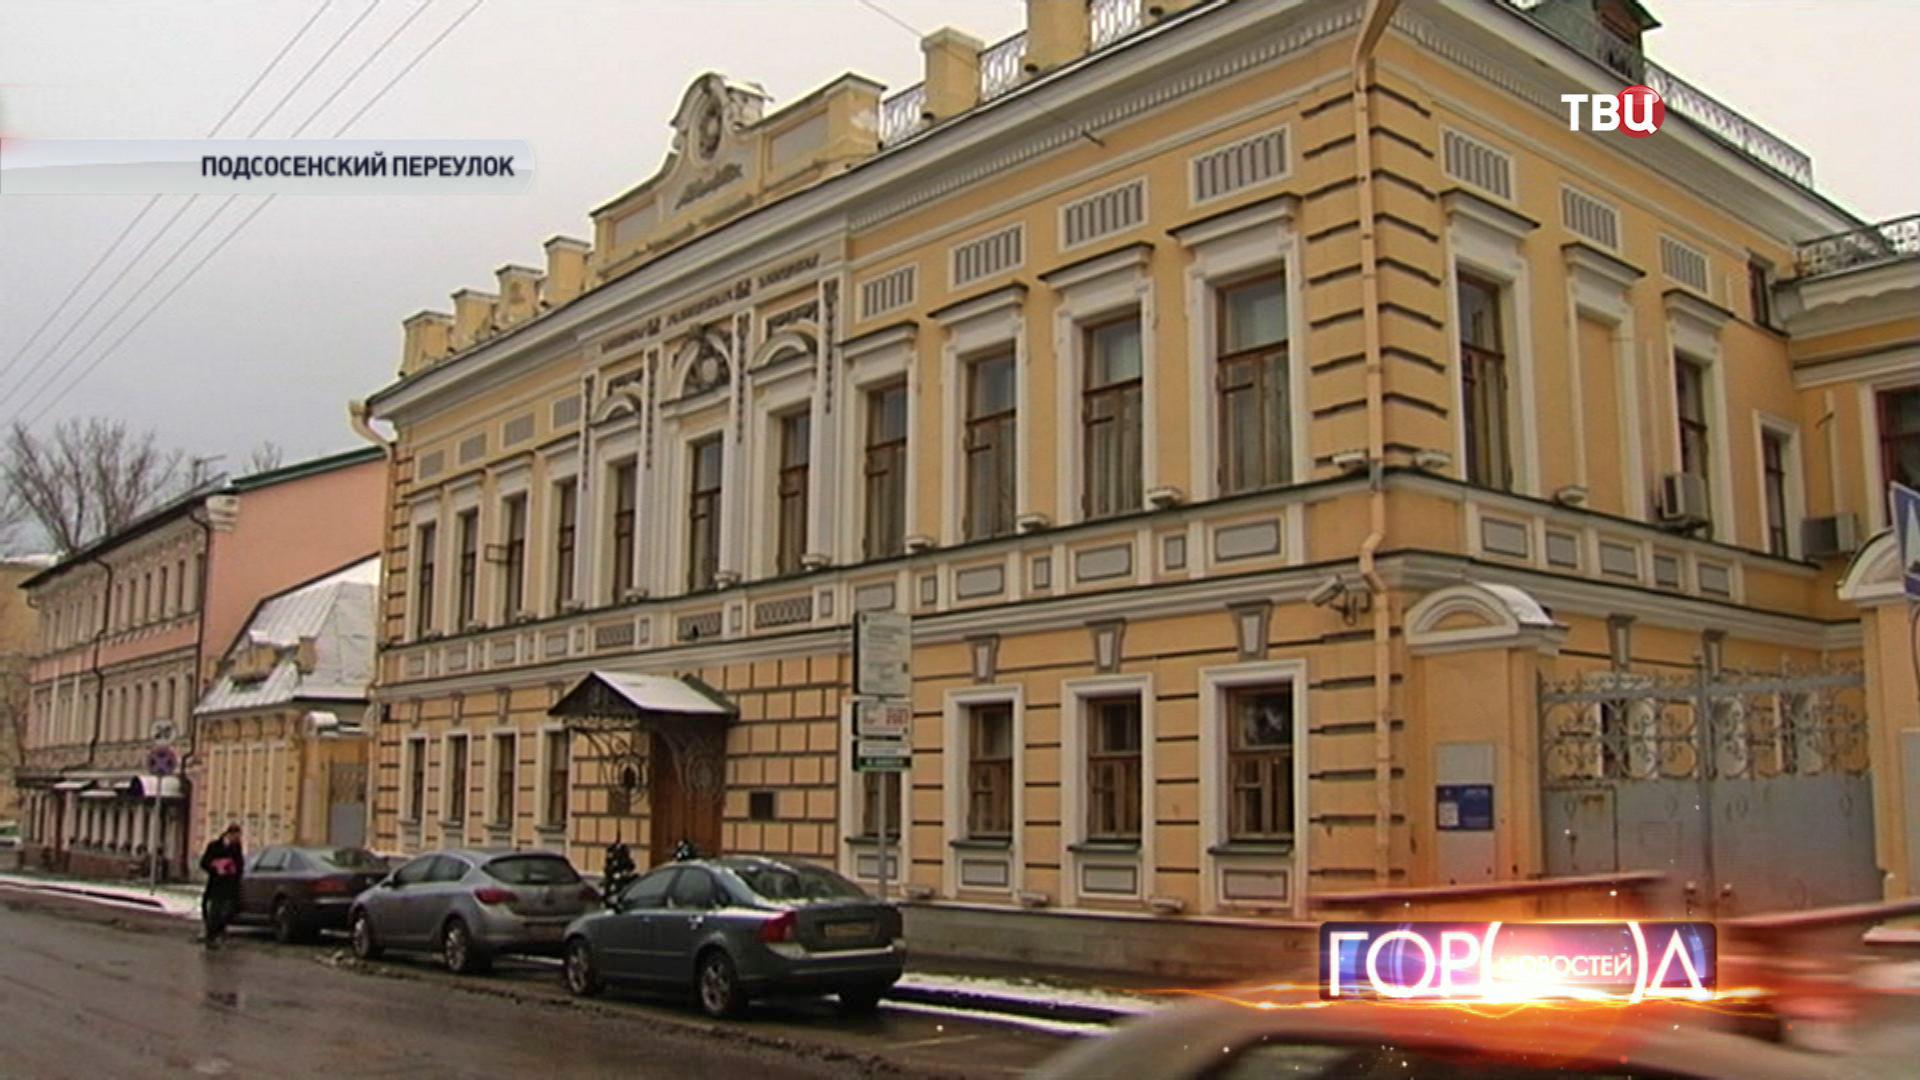 Усадьба Прохоровых-Хлудовых